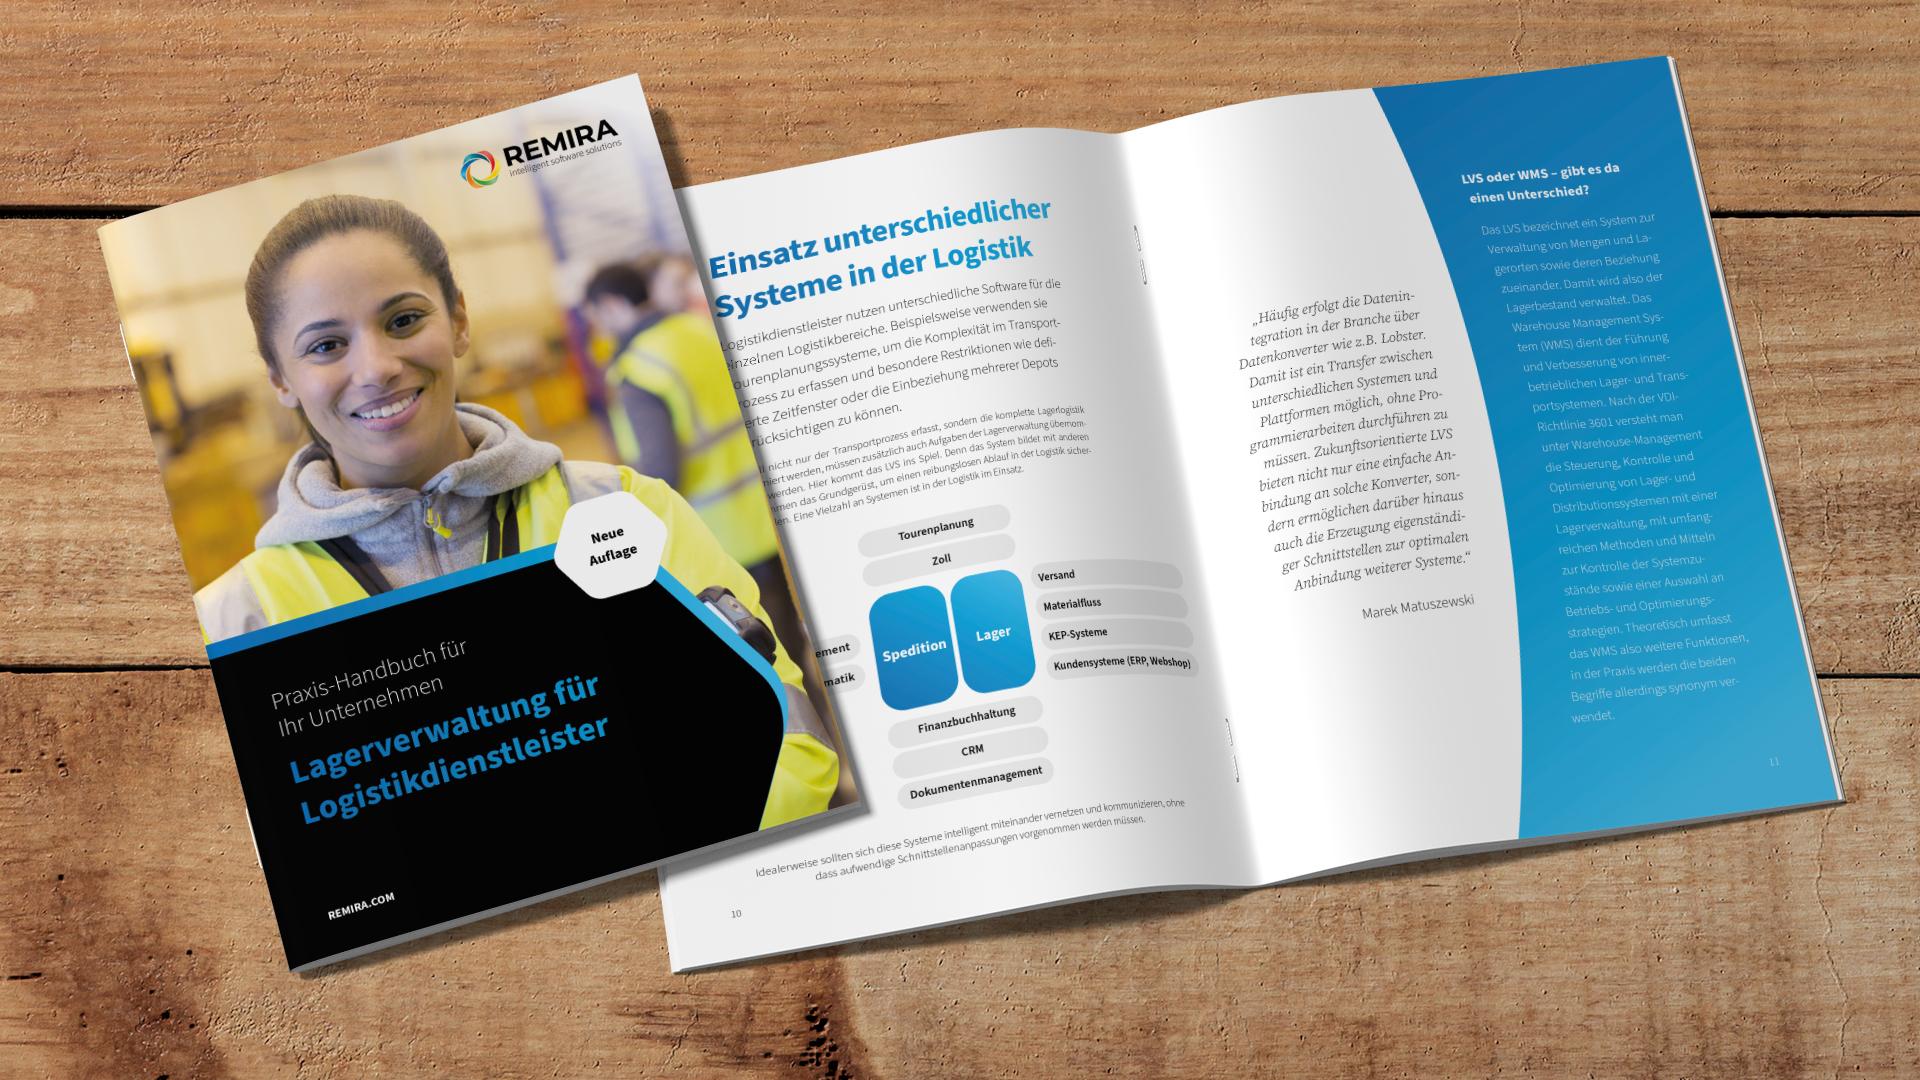 Mock-Up REMIRA Whitepaper Lagerverwaltung für Logistikdienstleister